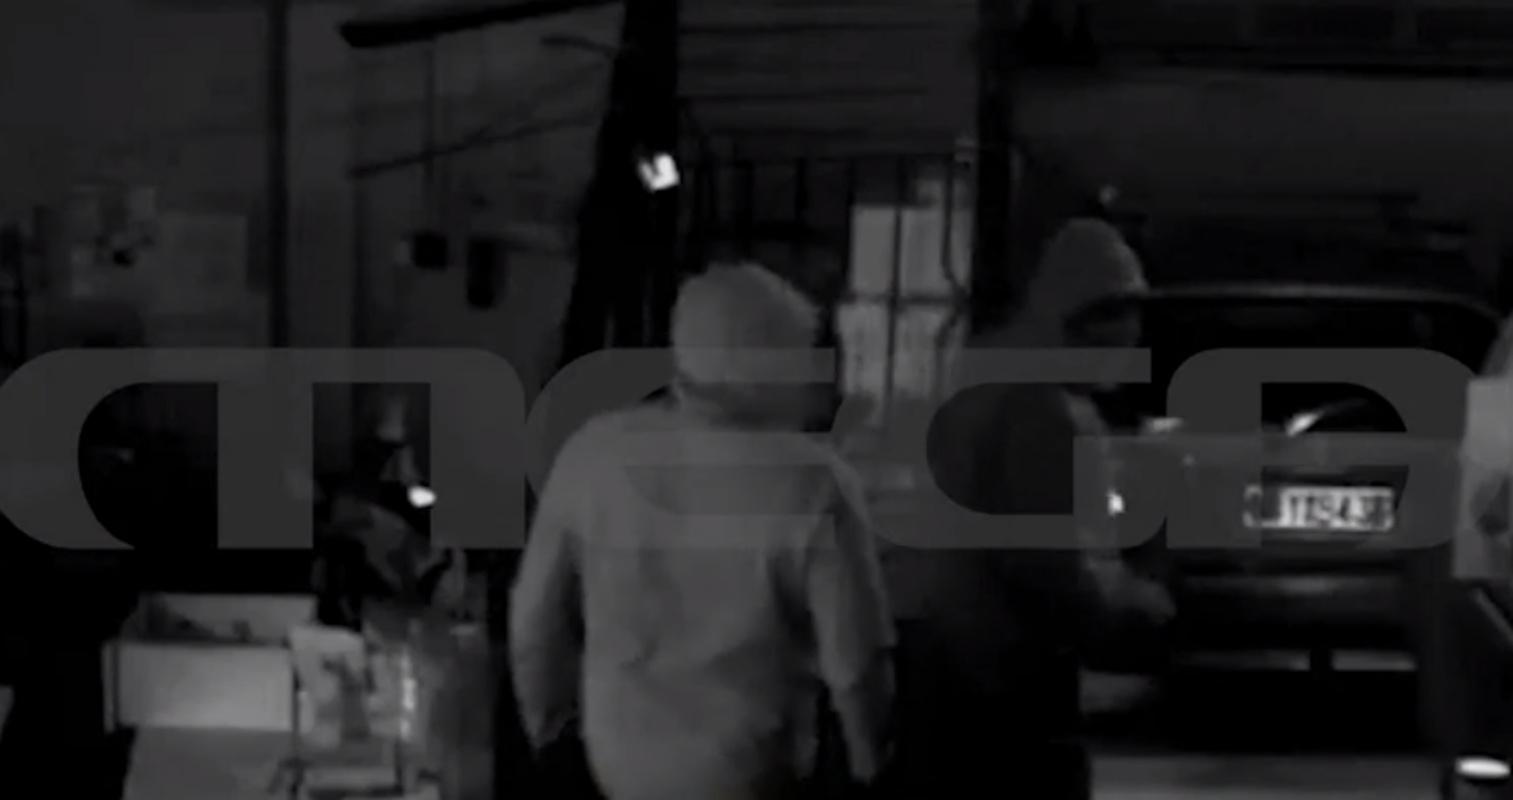 Βίντεο – ντοκουμέντα: Αδίστακτη σπείρα αποφυλακίστηκε και άρχισε να σκορπά πάλι τον τρόμο